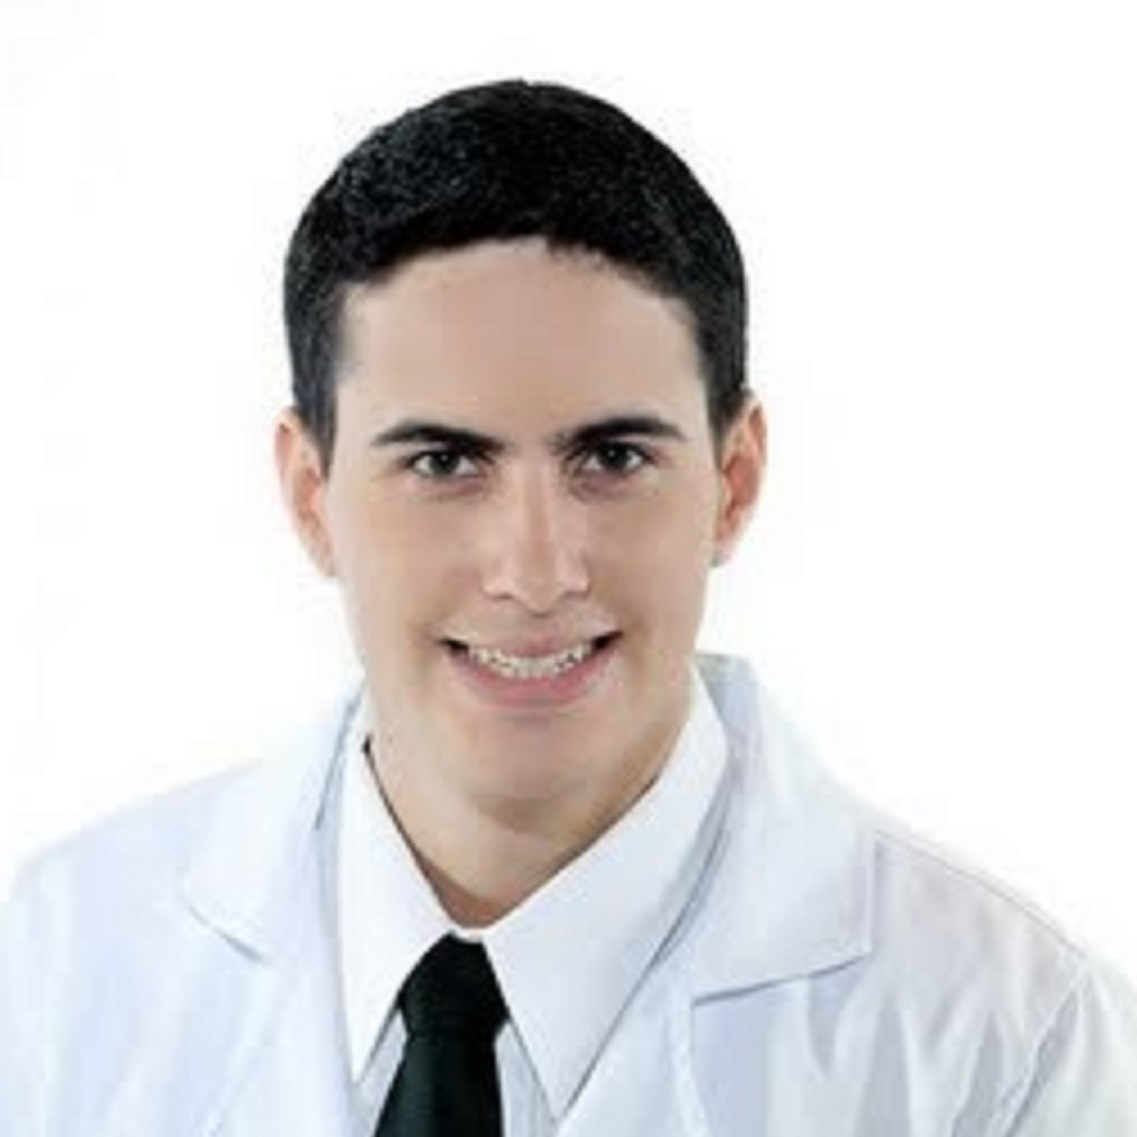 Hugo de Carlos Maciel Rossoni